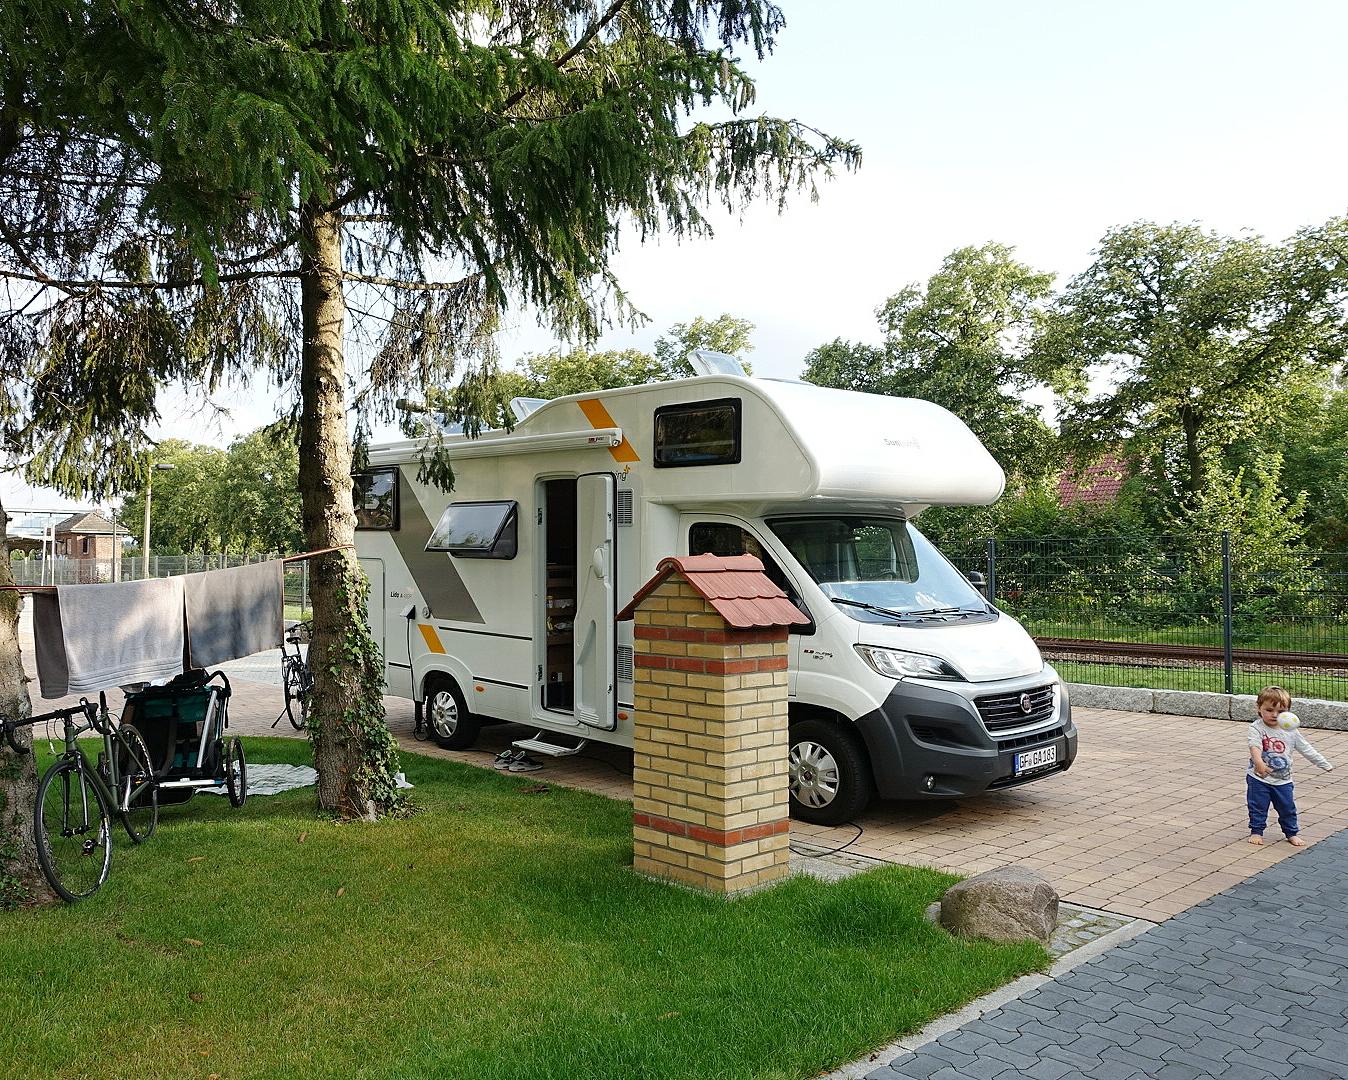 Mit Landvergnügen und dem Camper auf dem Brötchenbahnhof in Kremmen